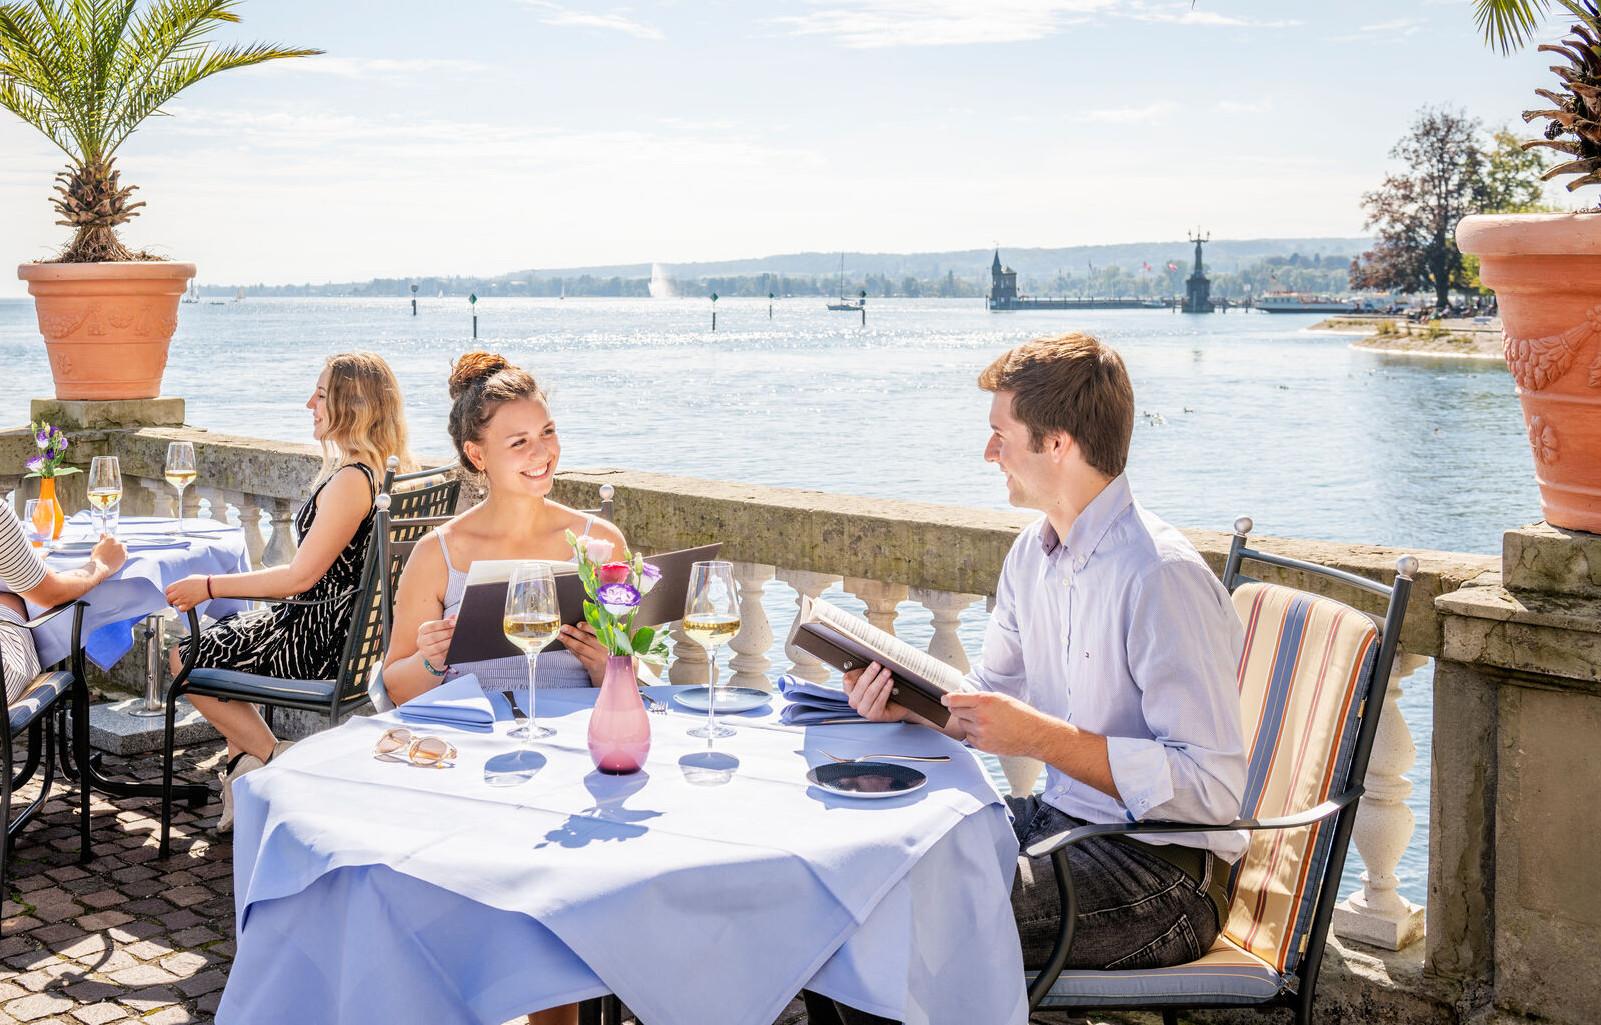 Konstanz-Gastronomie-Steigenberger-Terasse-Dinner-01_Spaetsommer_Copyright_MTK-Dagmar-Schwelle